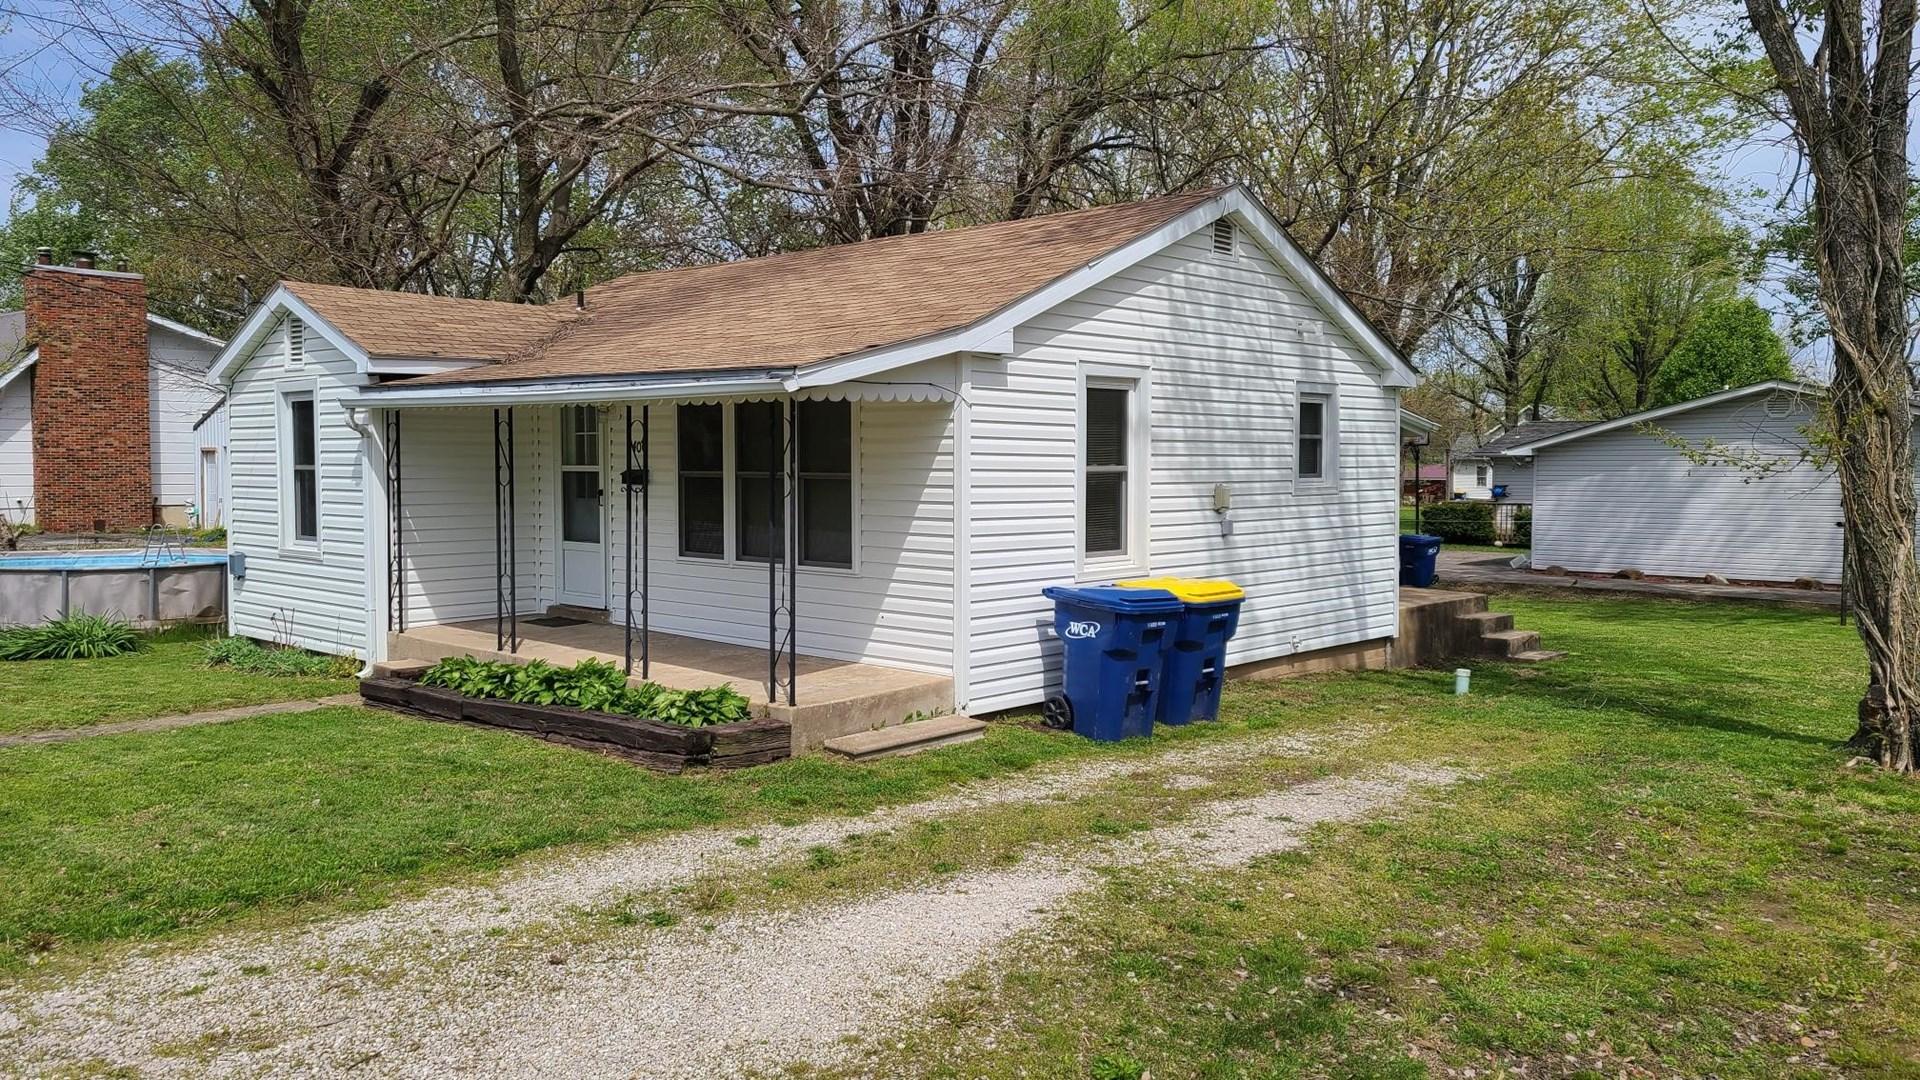 2 Bedroom home on corner lot!  Great Starter Home or Rental